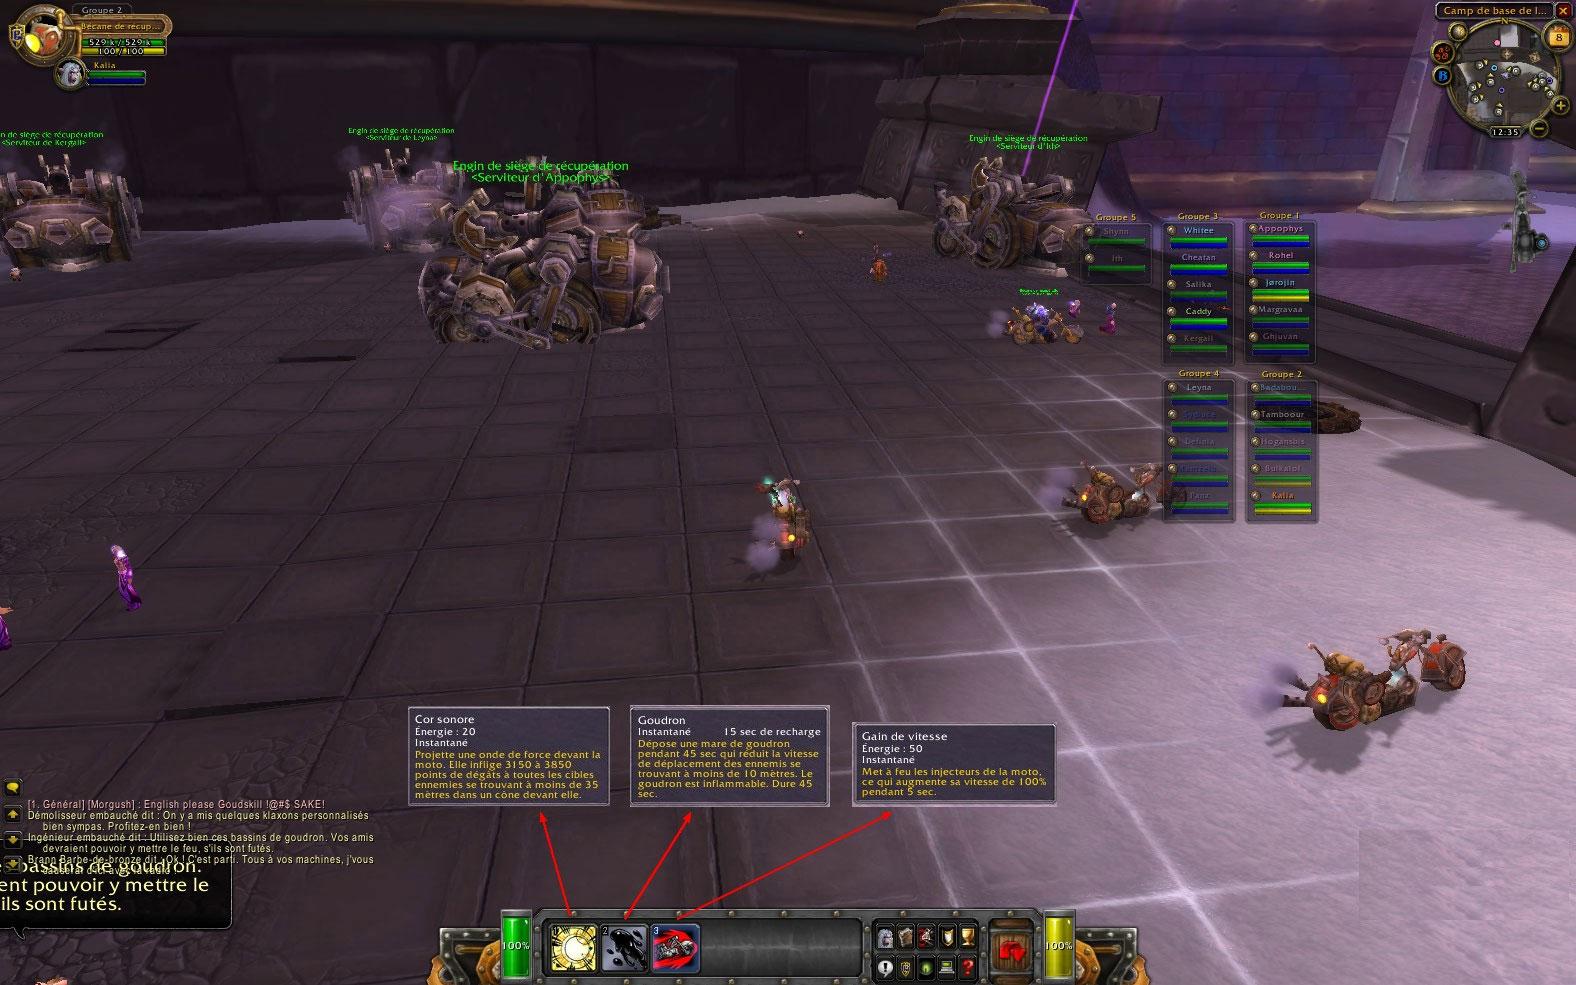 Screenshot réalisé par la guilde Caelestis Concilium sur Ysondre.